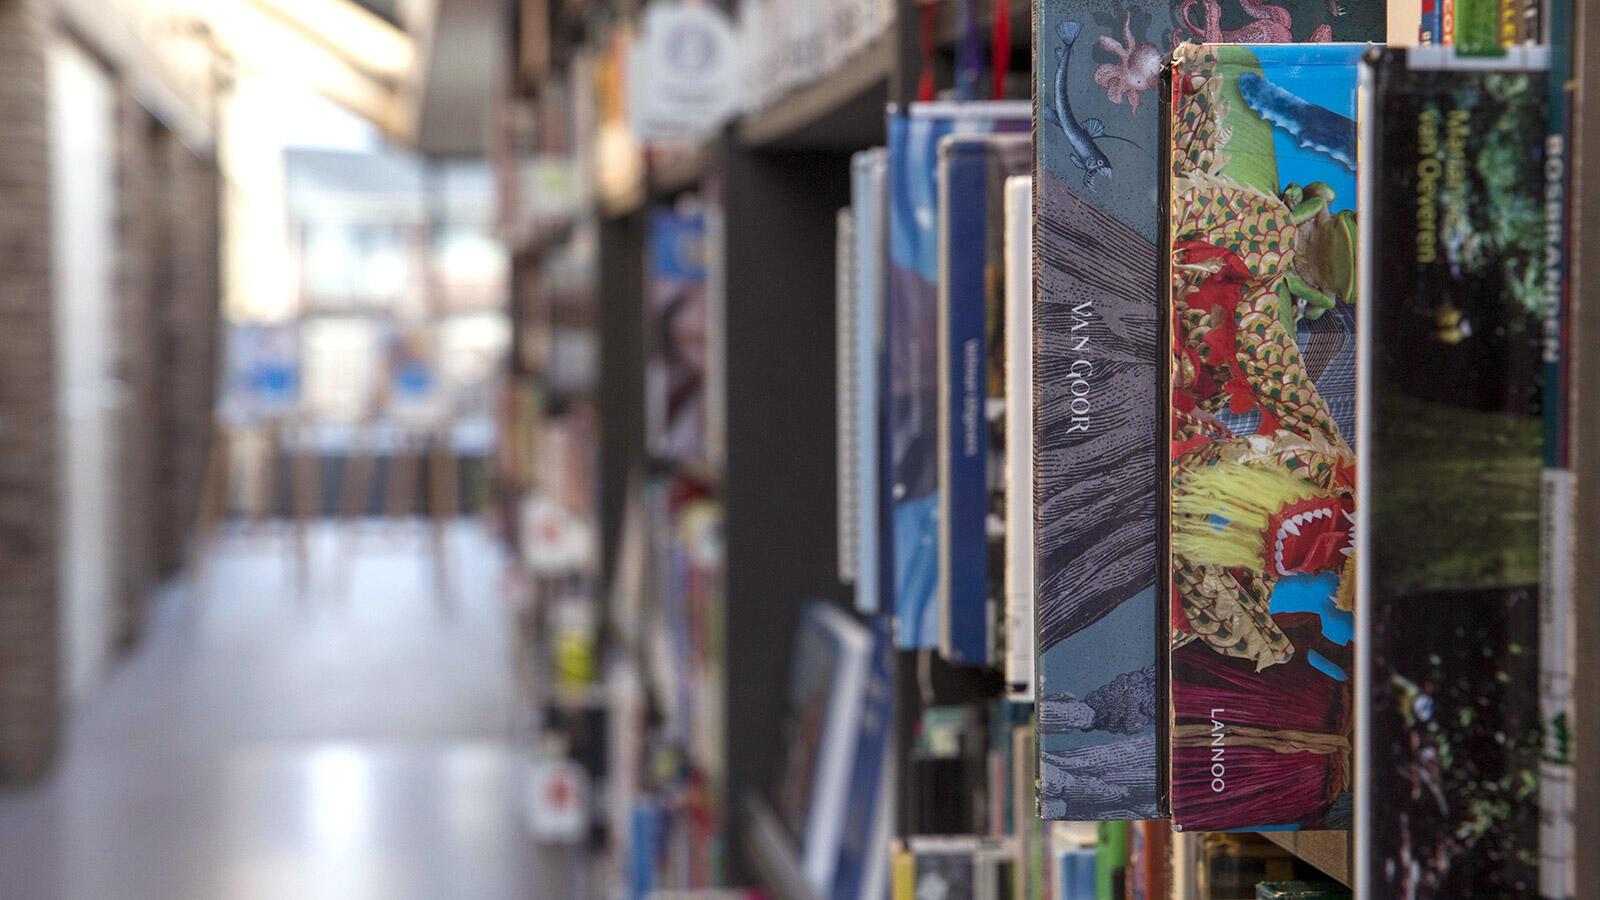 Hoe worden bibliotheekboeken gemaakt?